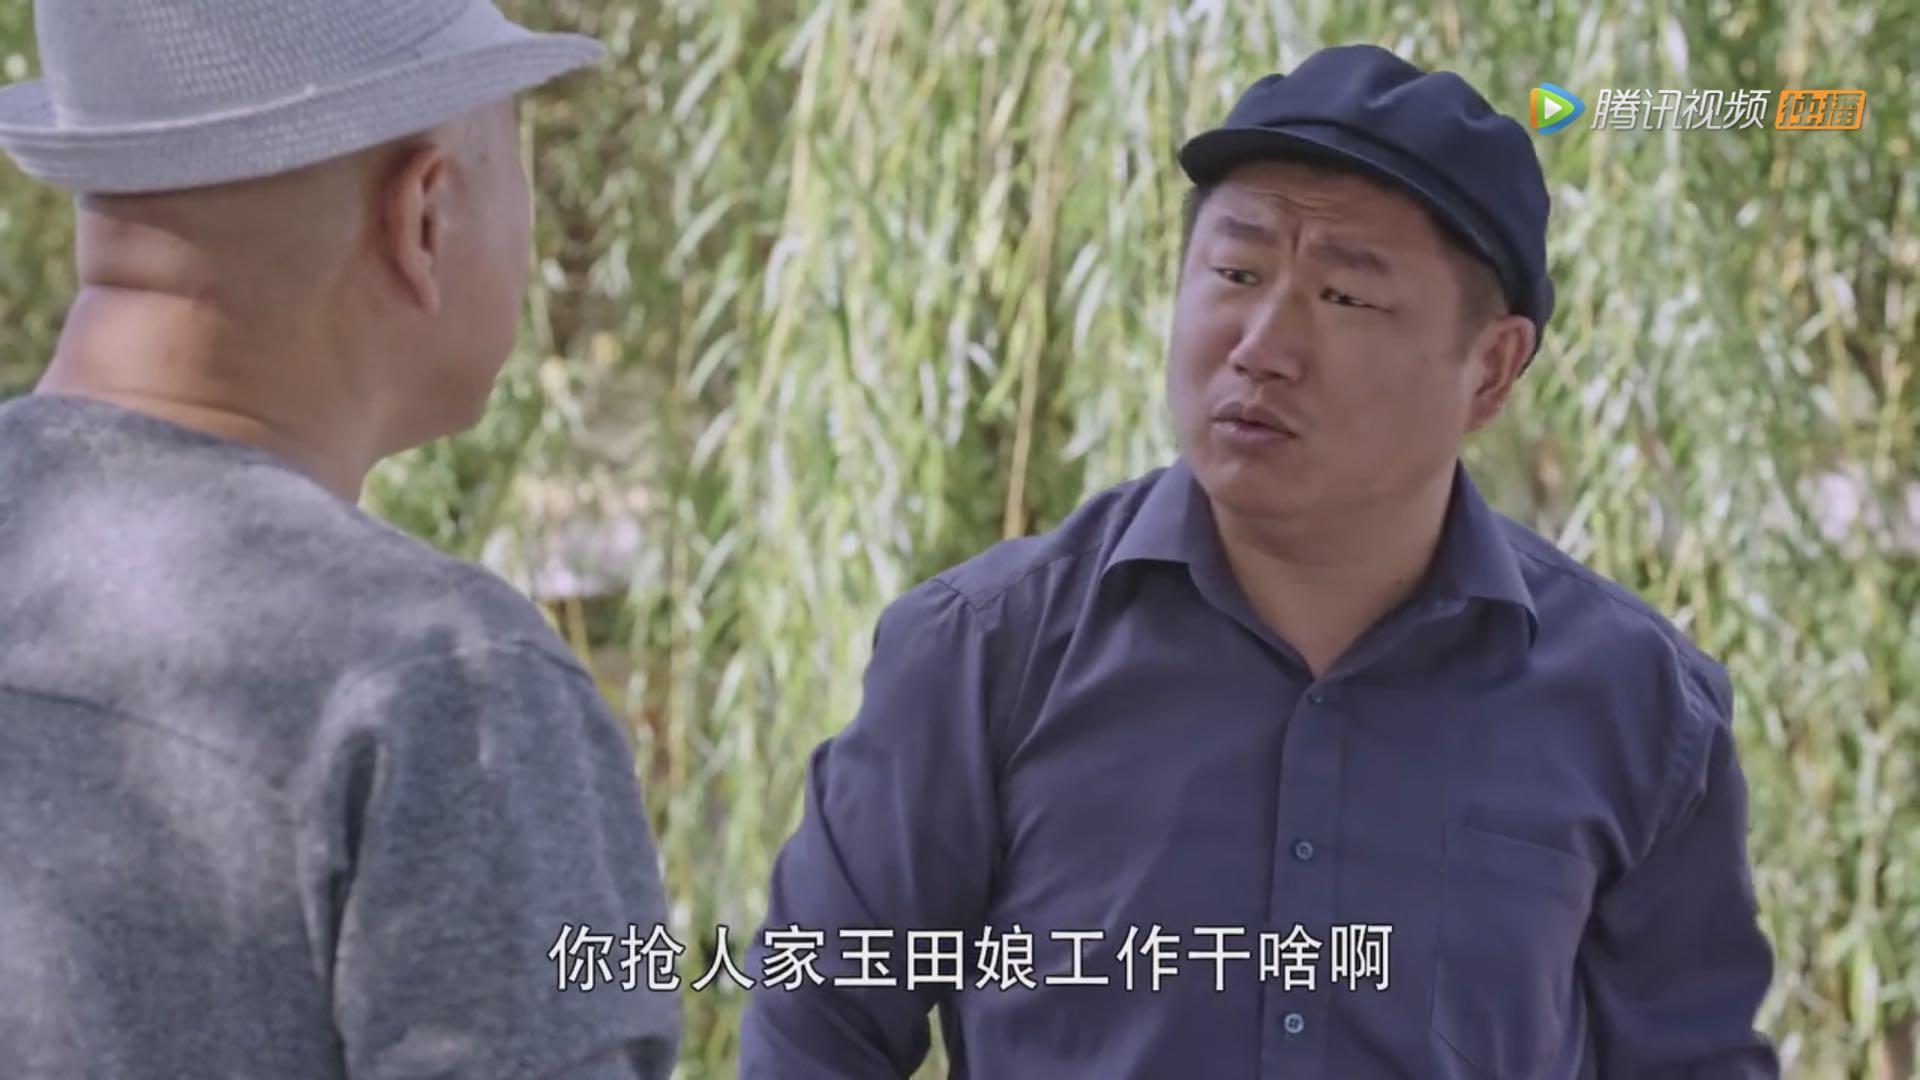 《乡村爱情10》最新预告:刘能惨遭围攻,三个寓言故事送给你!